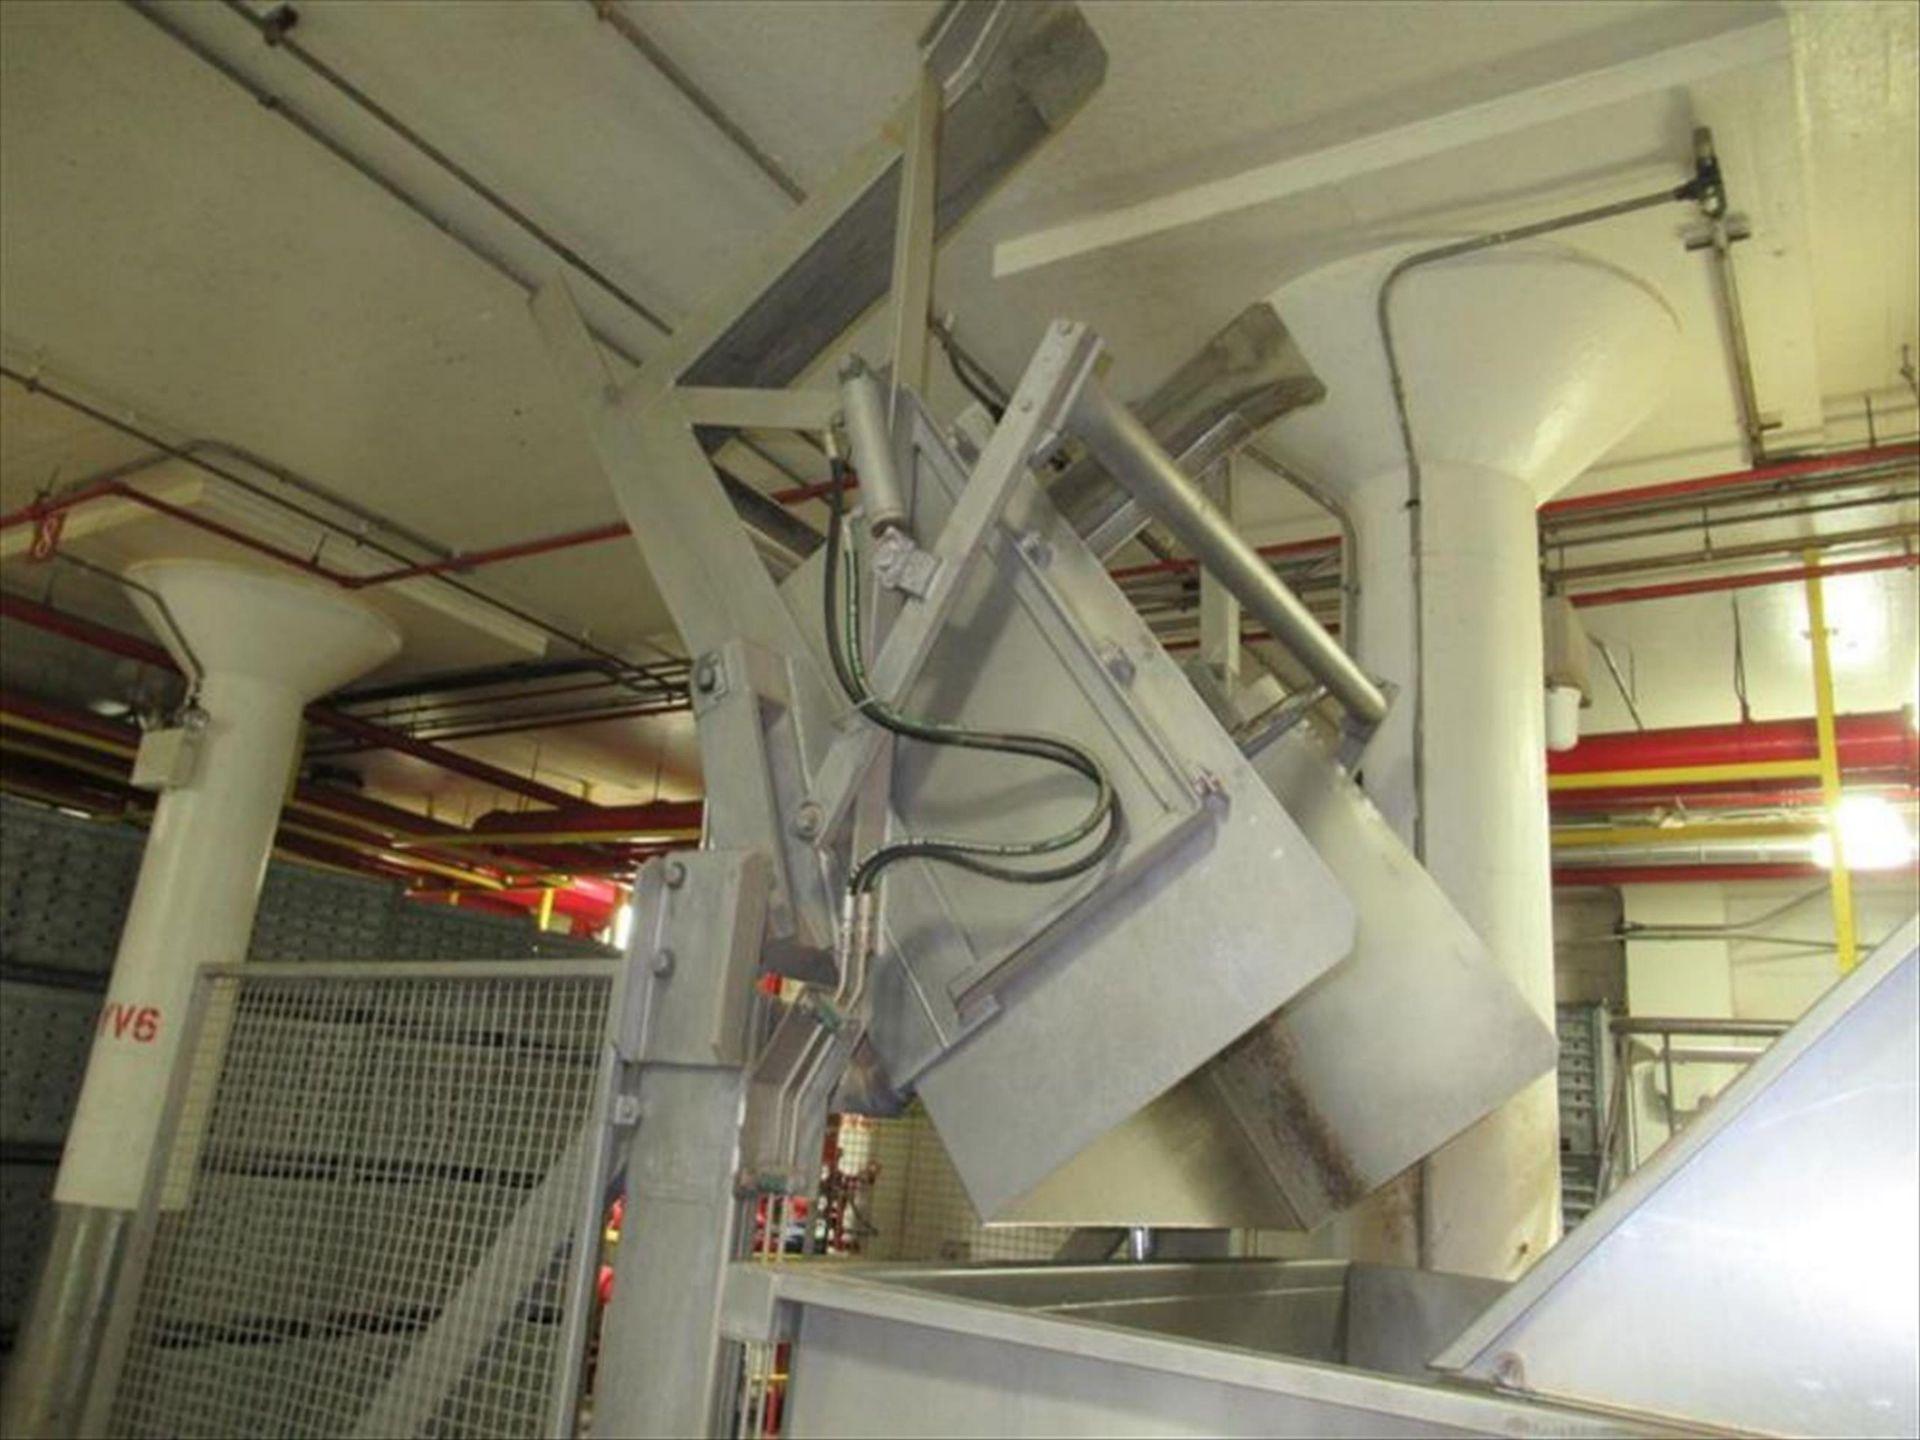 Lot 157 - MTC Low lift tote dumper mod. no. LE ser. no. 1040199 4000 lb. cap, with 10hp powerpack, approx 60